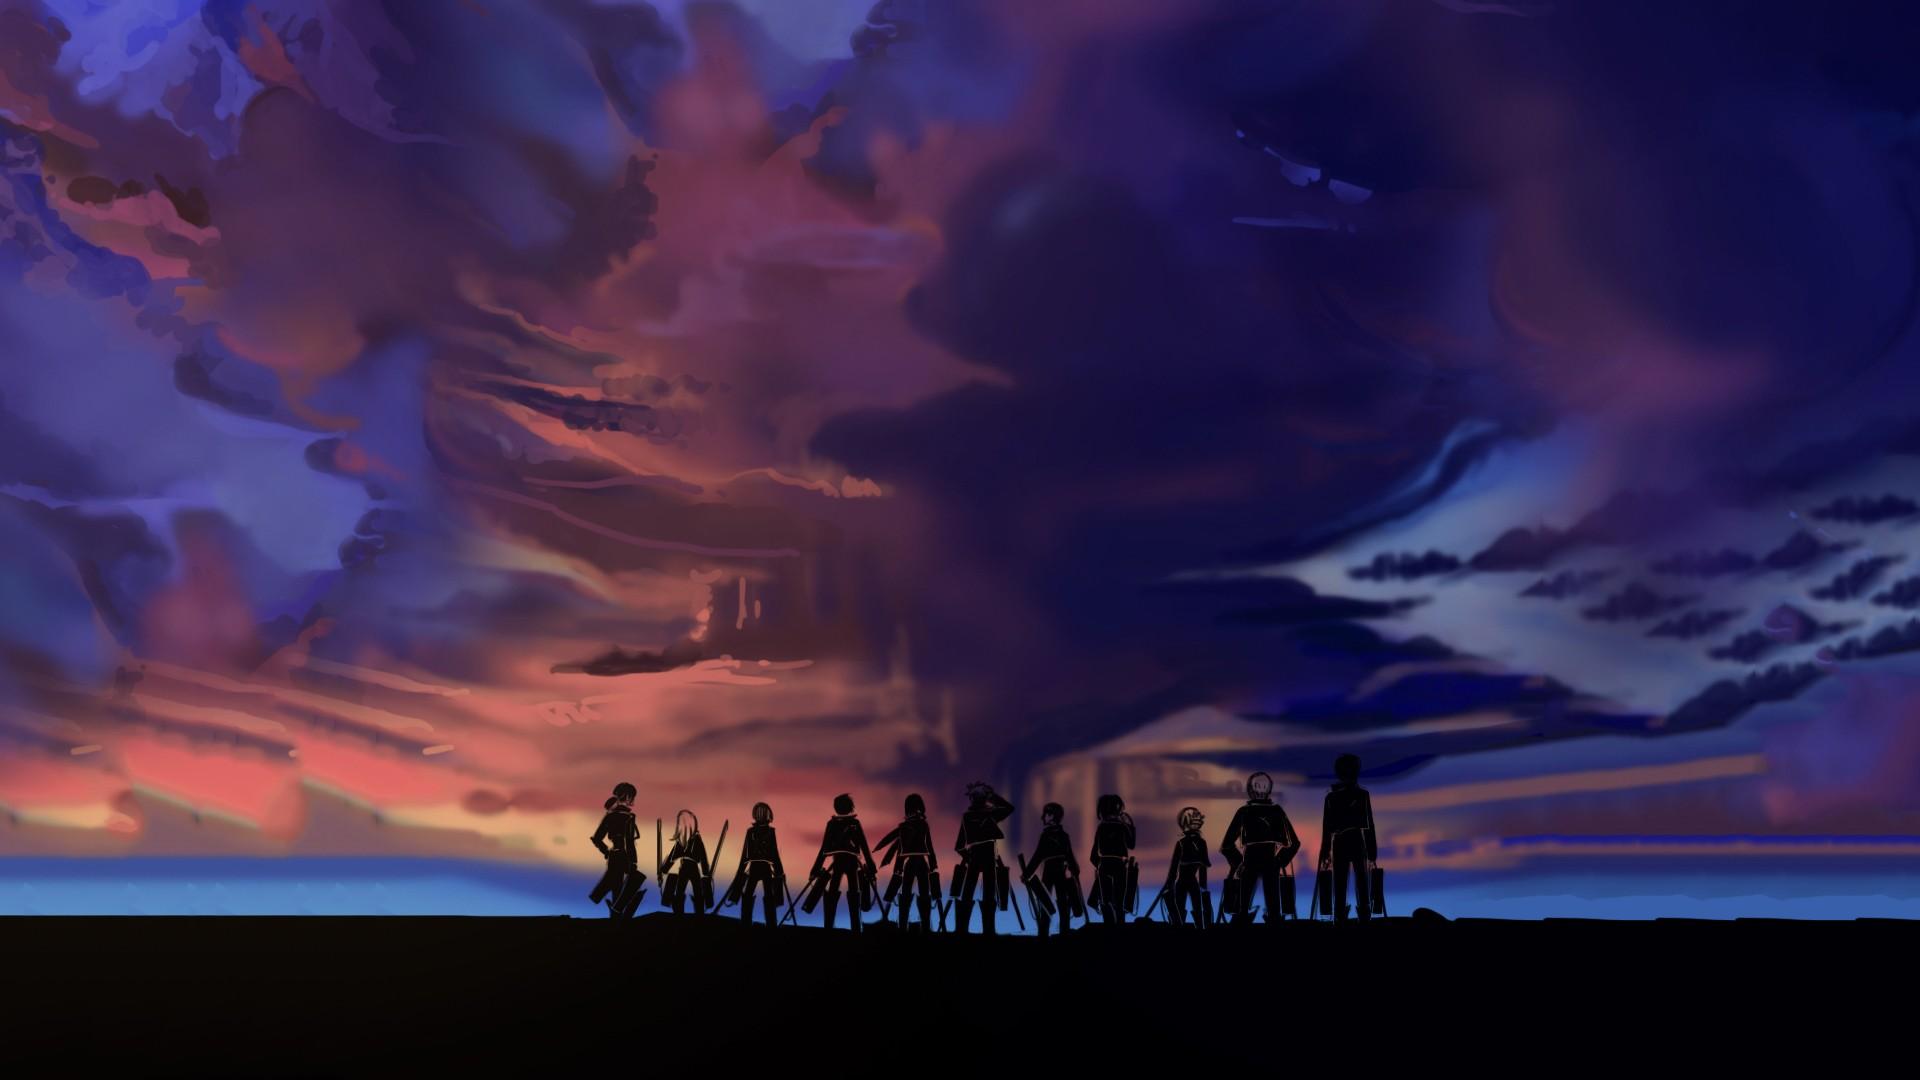 k anime wallpaper